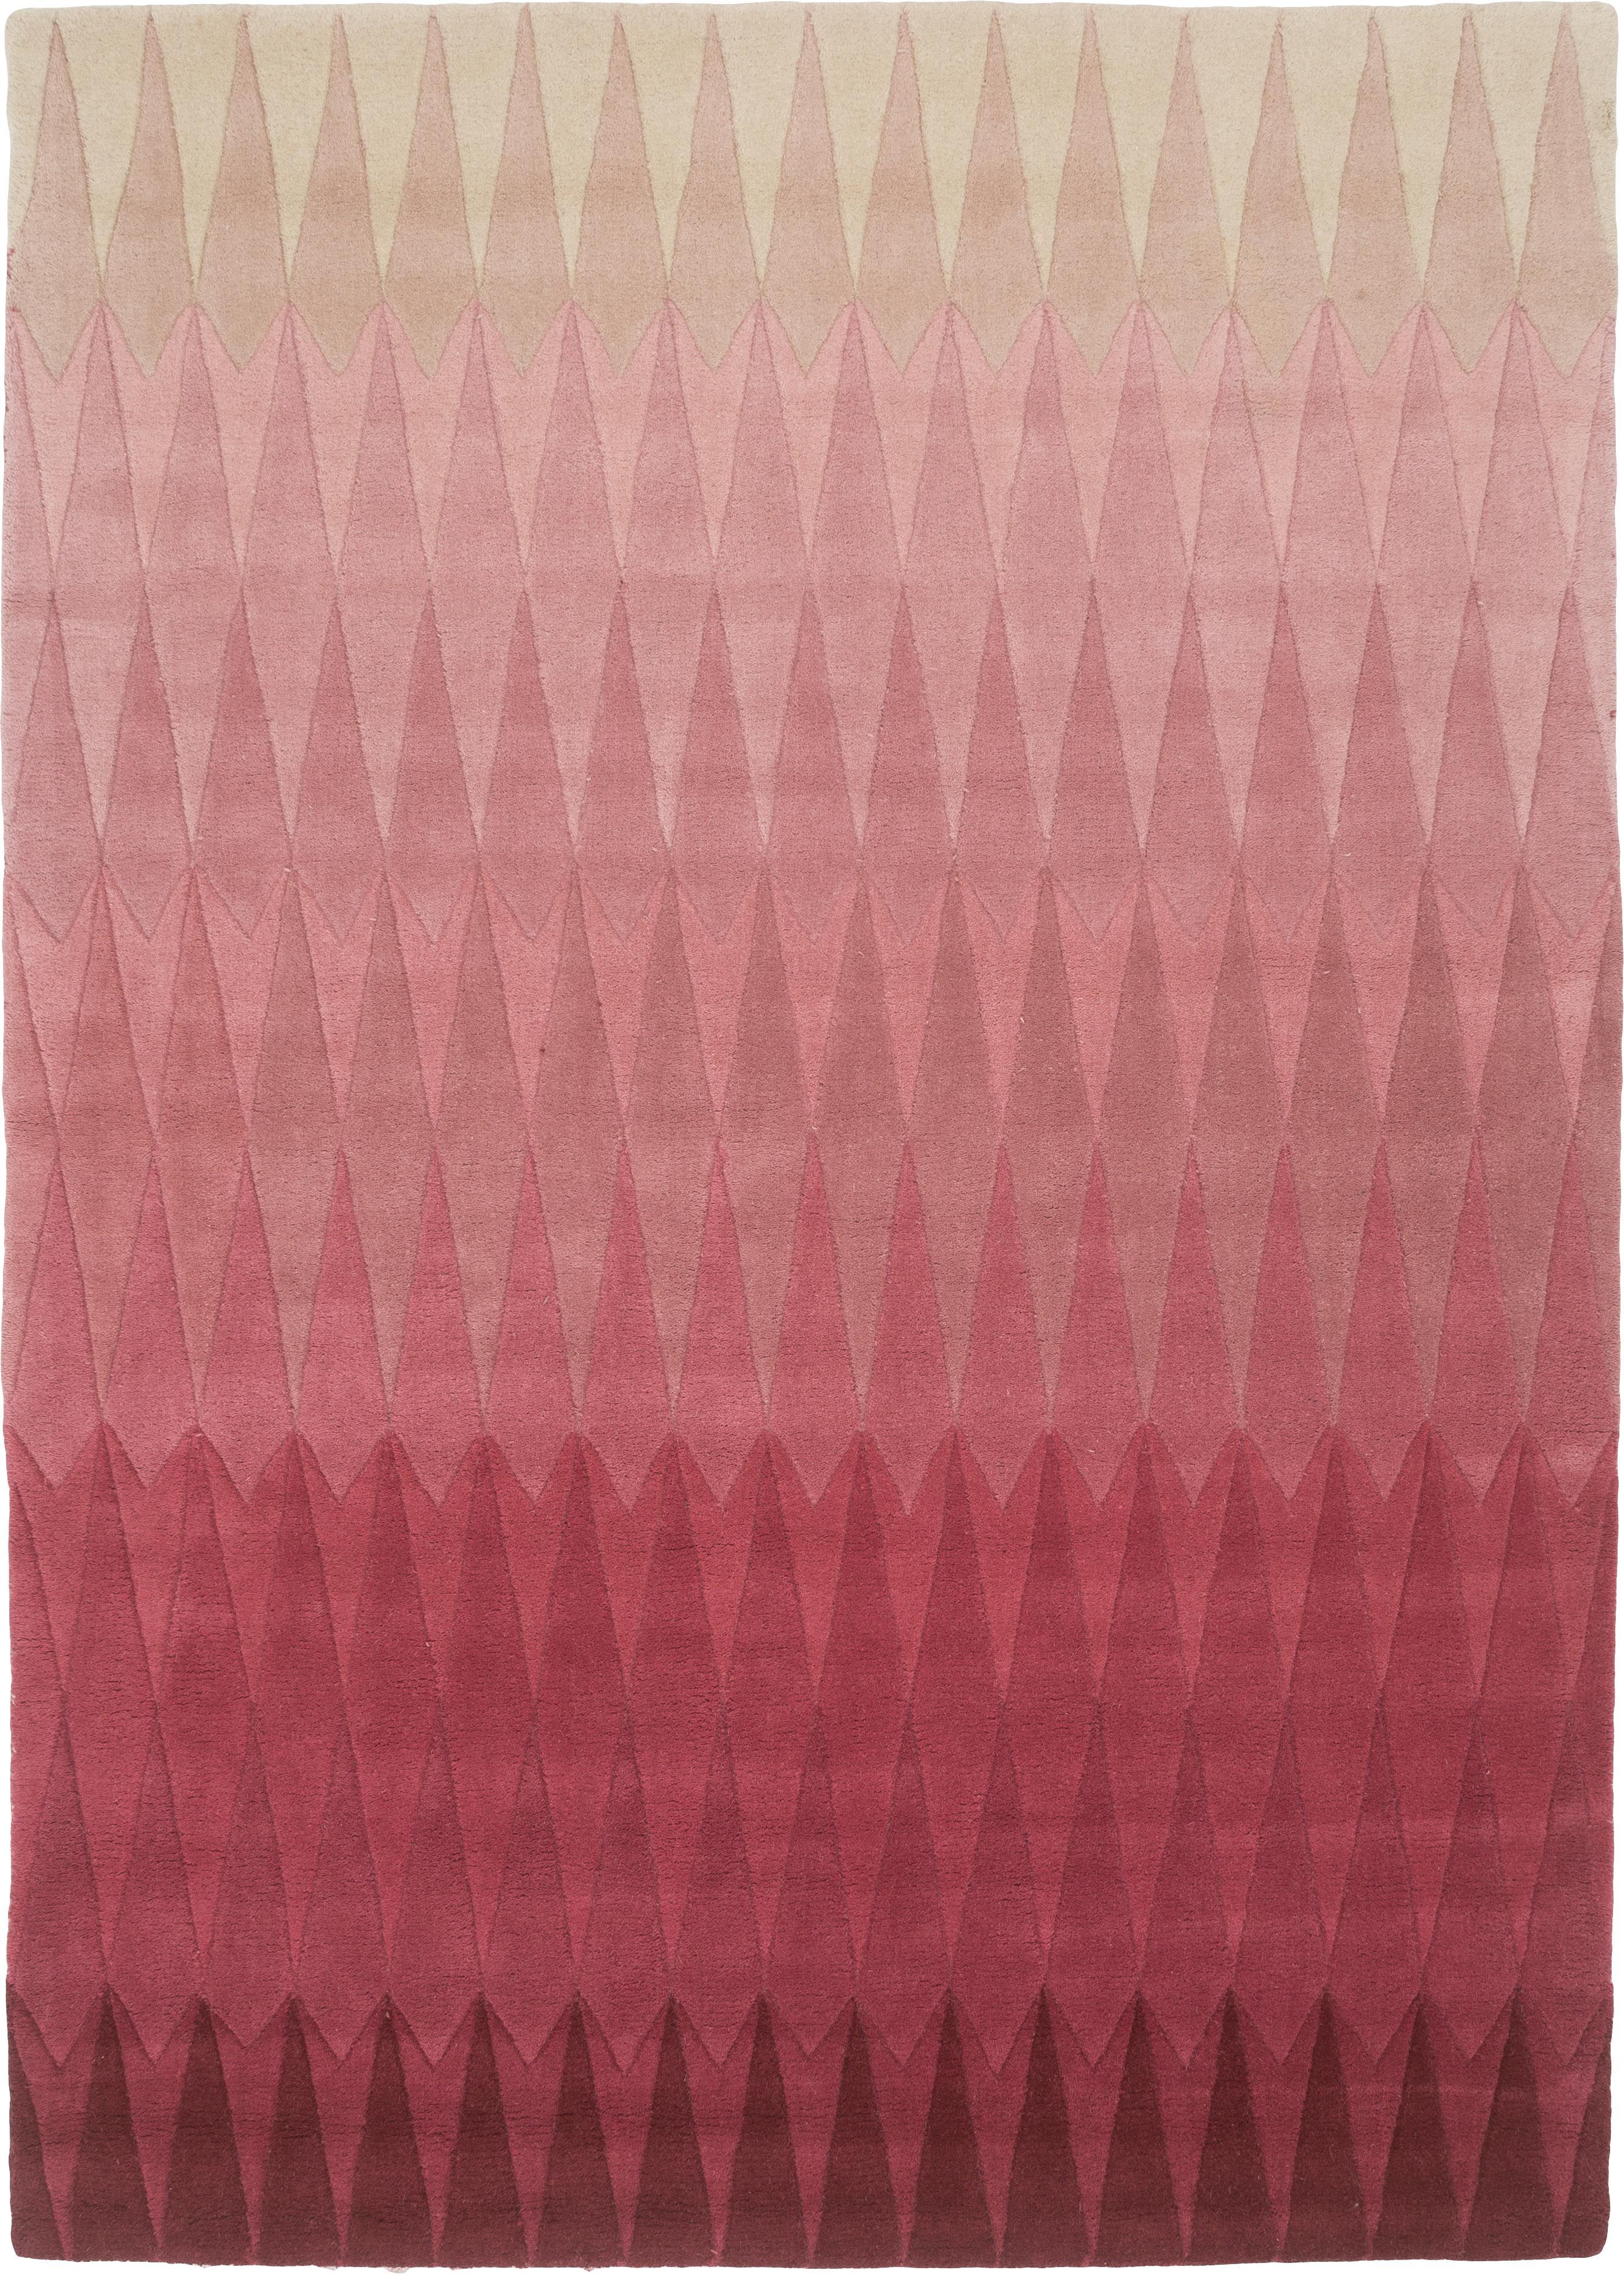 Handgetufteter Designteppich Acacia mit Farbverlauf in Pink, Pink, B 170 x L 240 cm (Grösse M)